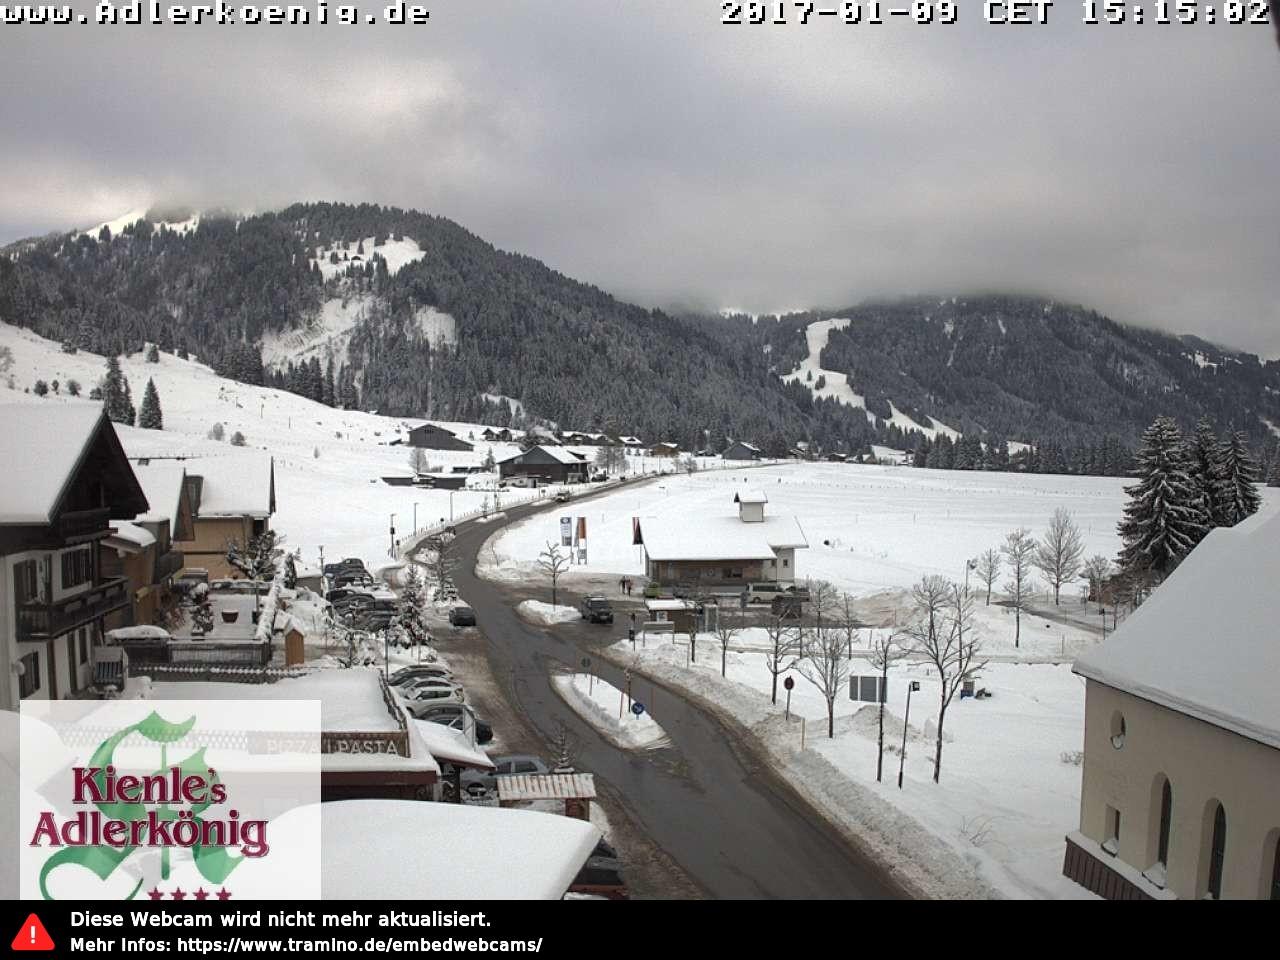 Webcam Skigebiet Balderschwang cam 3 - Allgäu